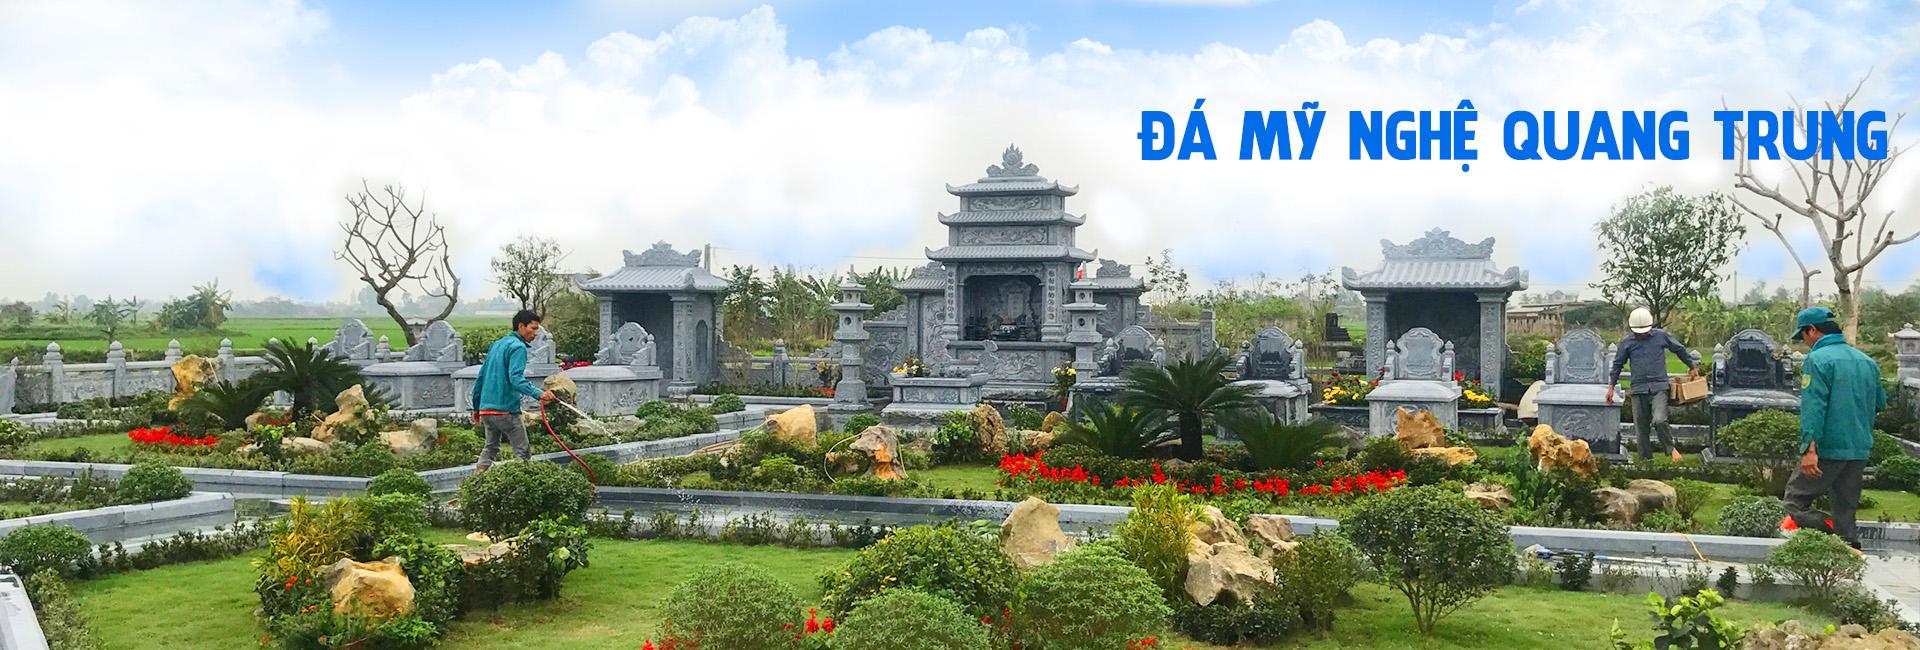 Lăng mộ đá Hải Phòng - Đá mỹ nghệ Quang Trung